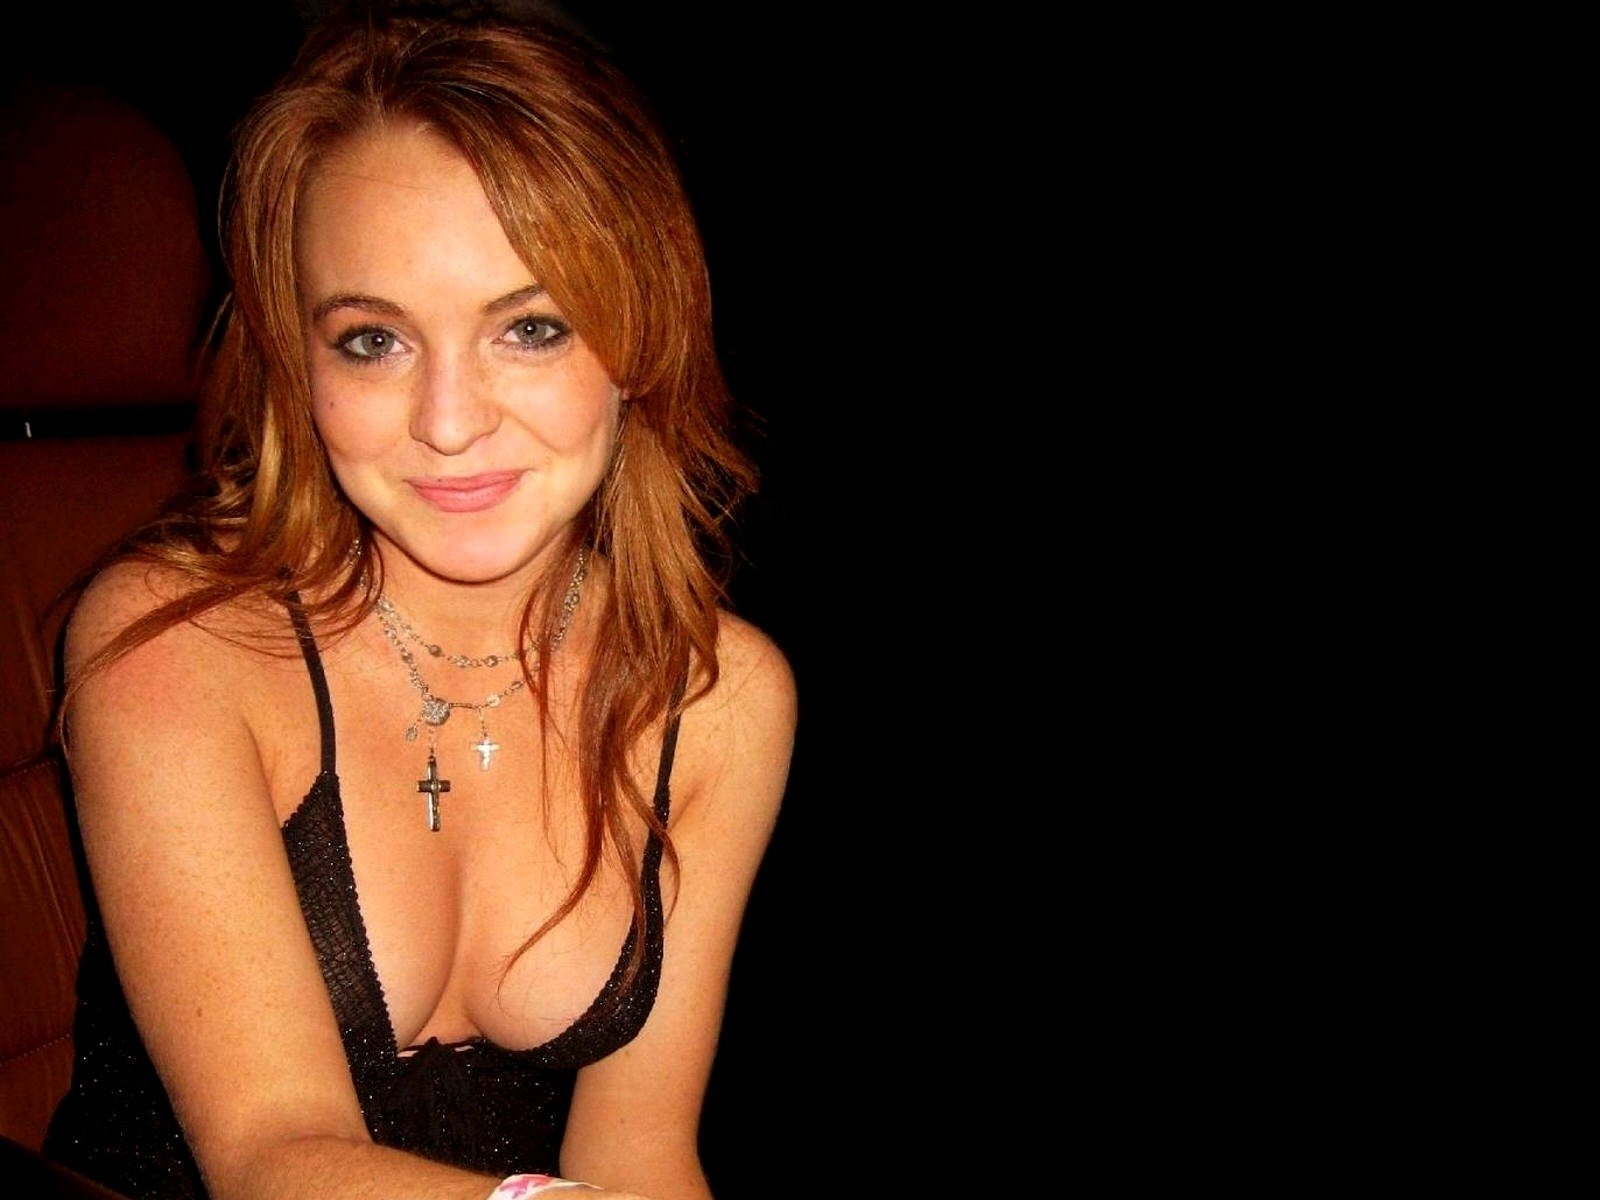 Wallpaper di Lindsay Lohan su fondo nero